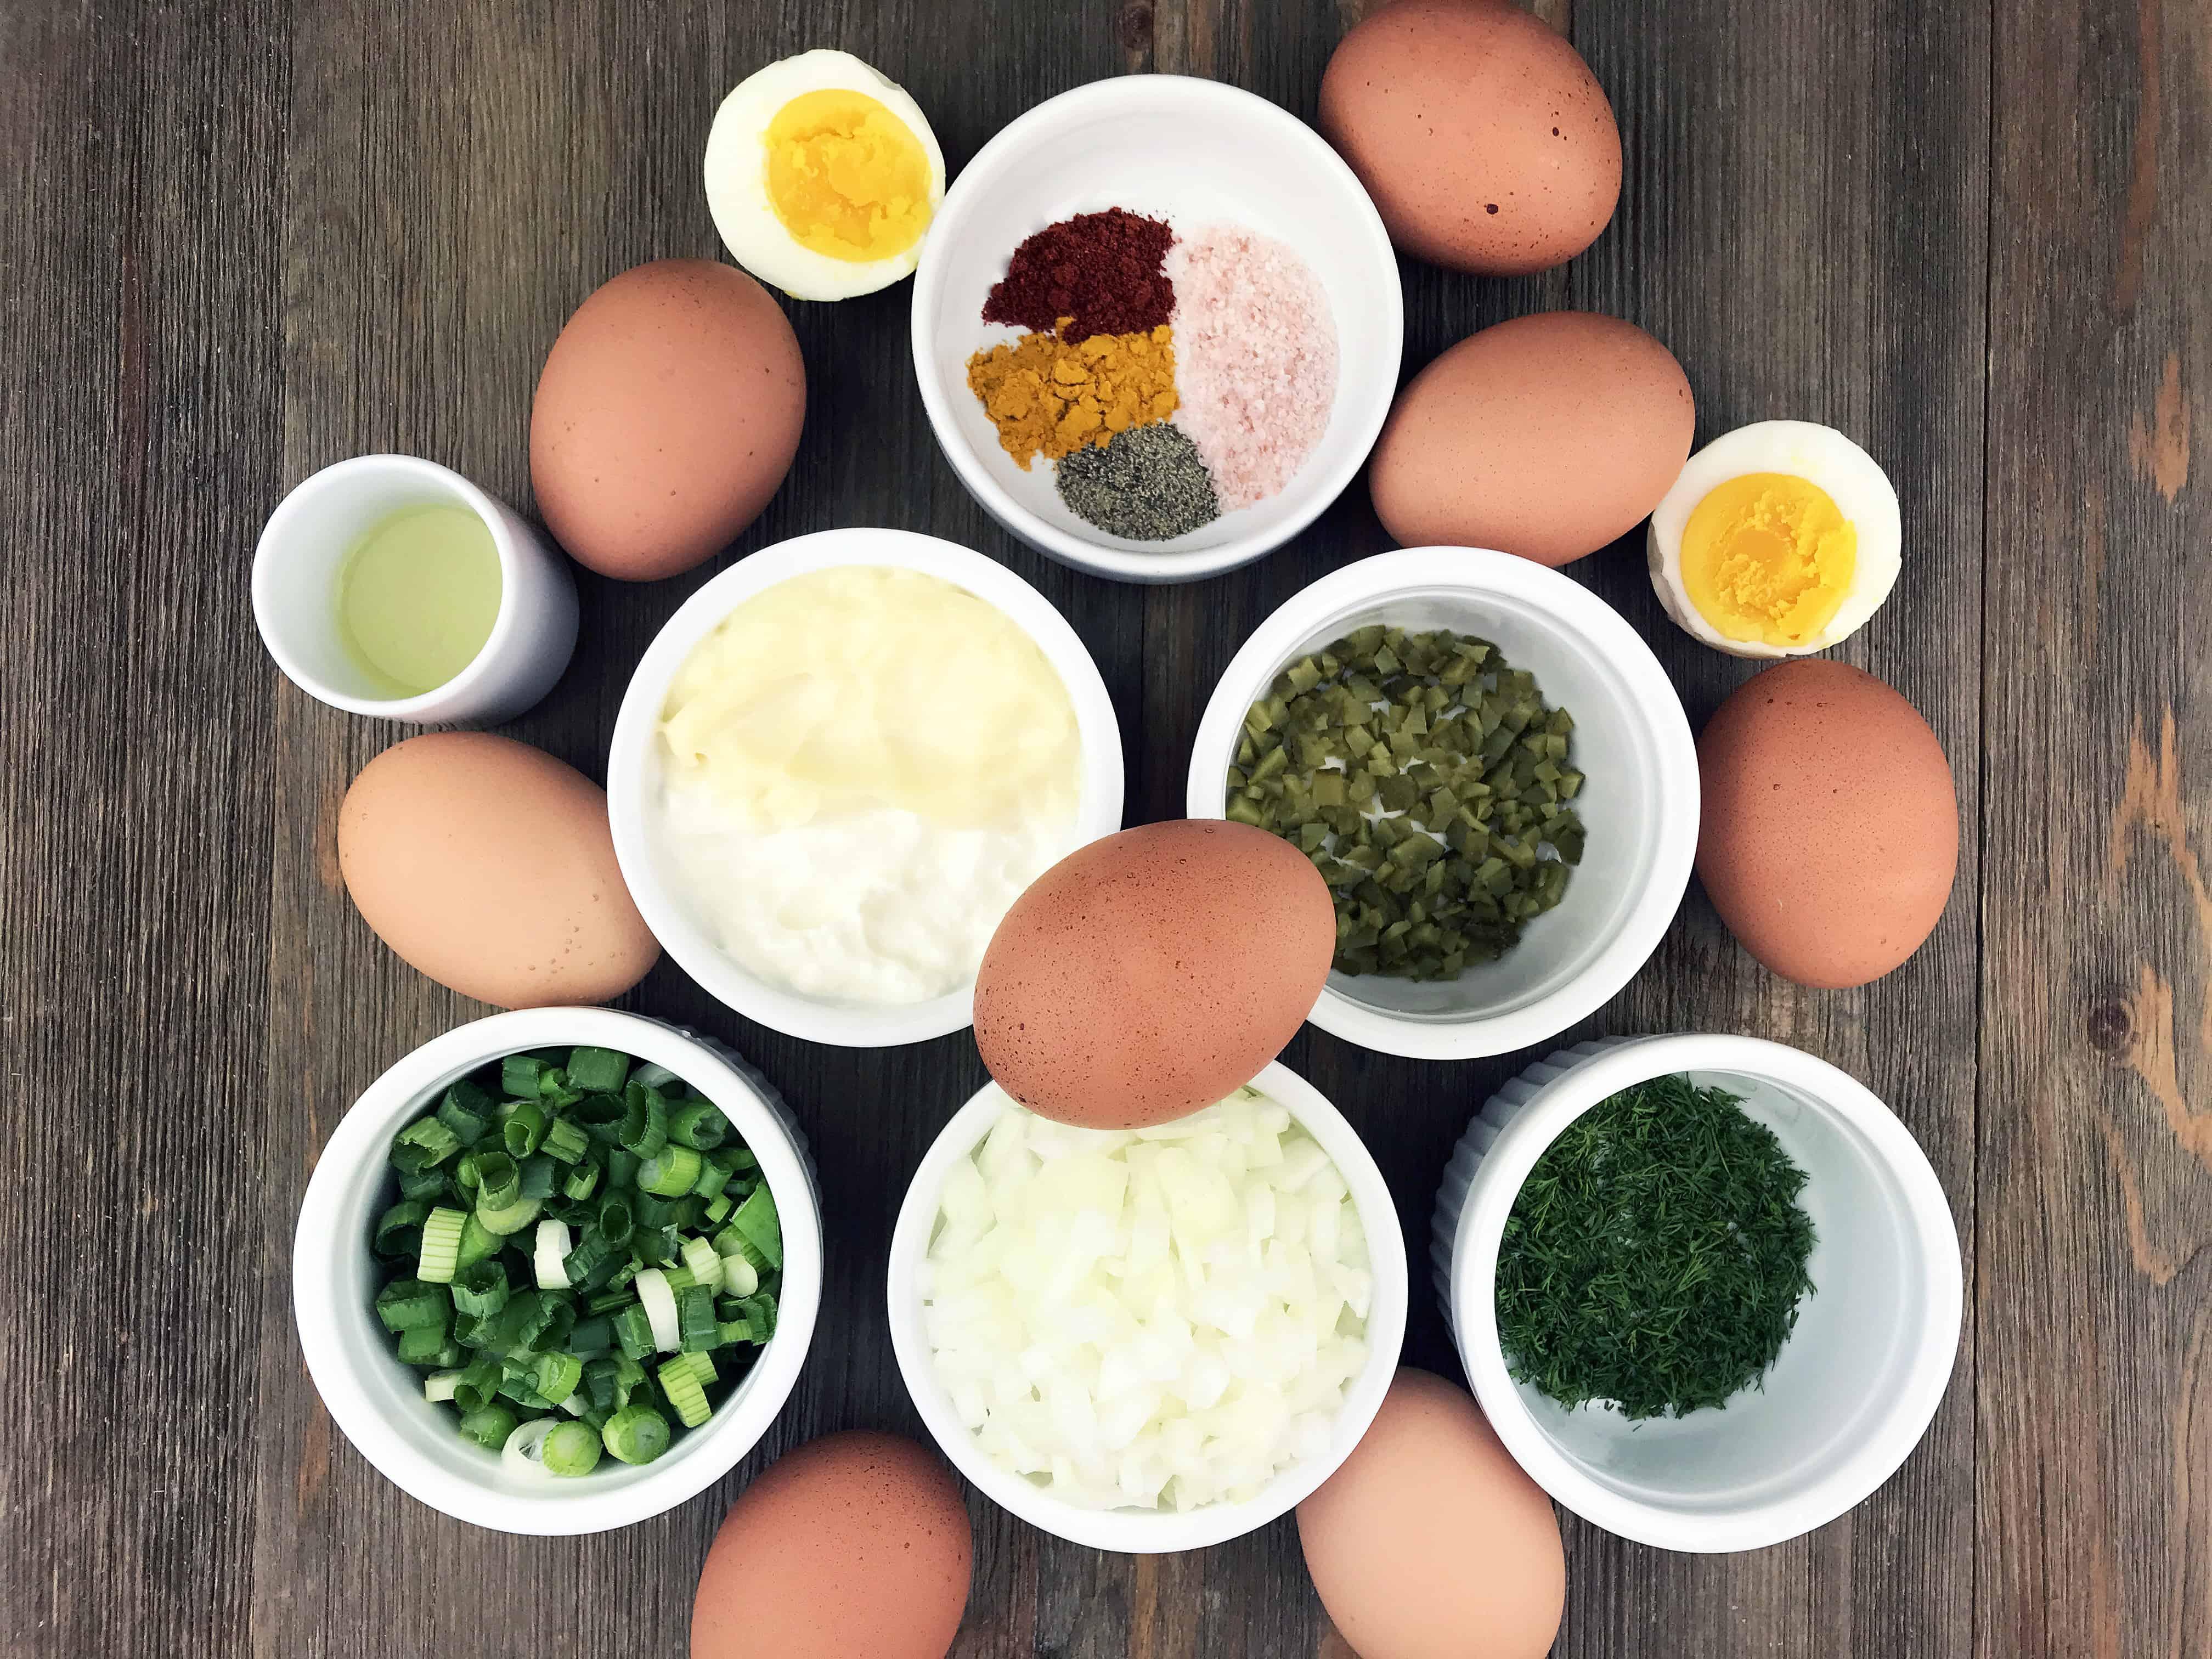 Summer Egg Salad Easy Recipe